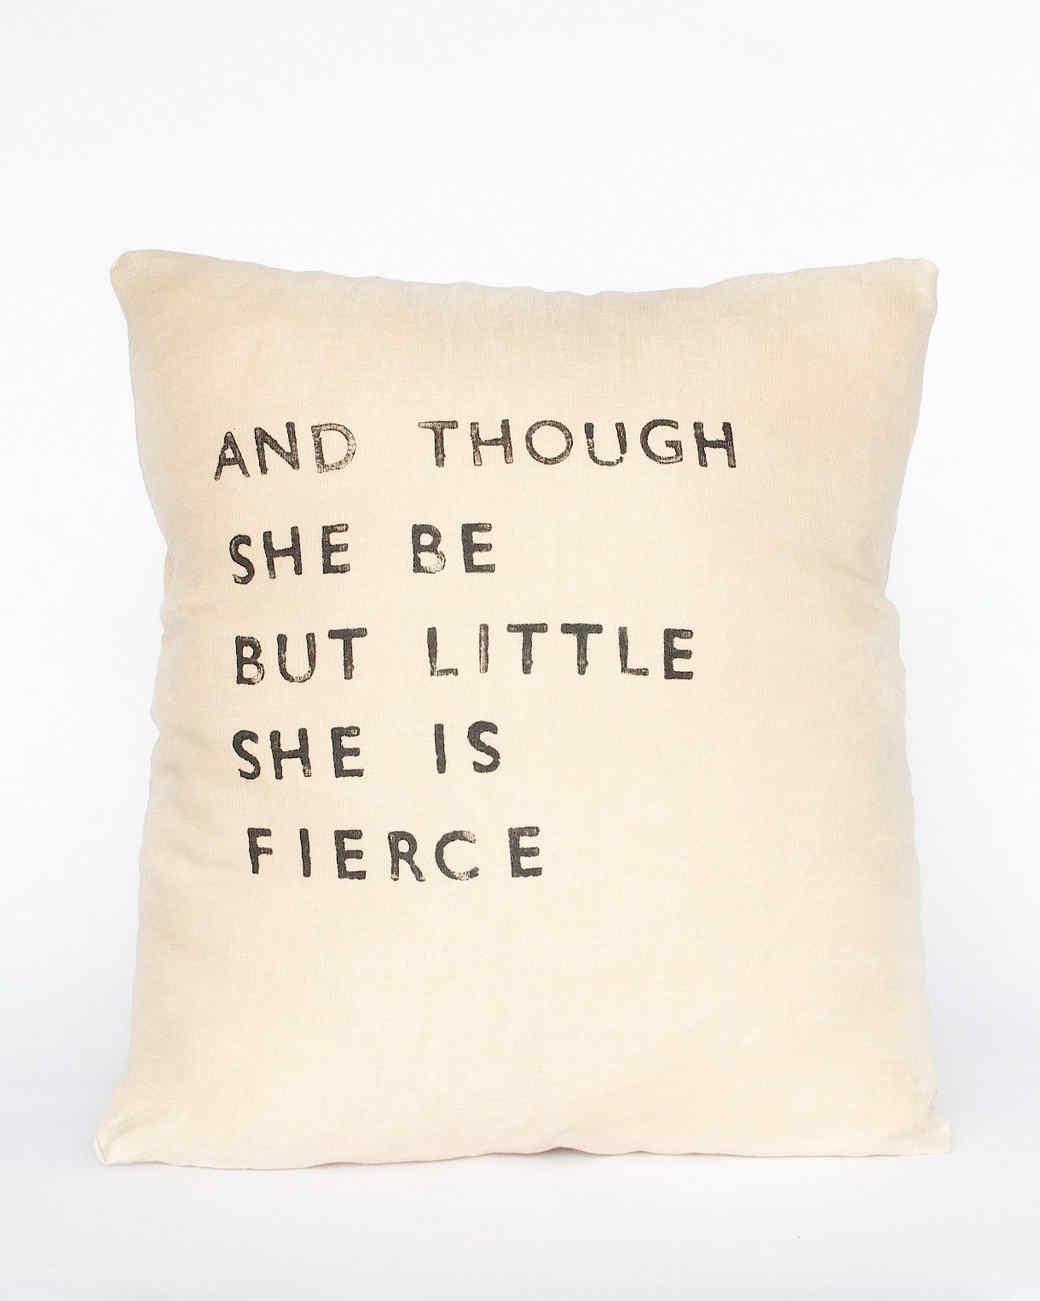 casa-co-design-little-and-fierce-linen-quote-pillow-0914.jpg